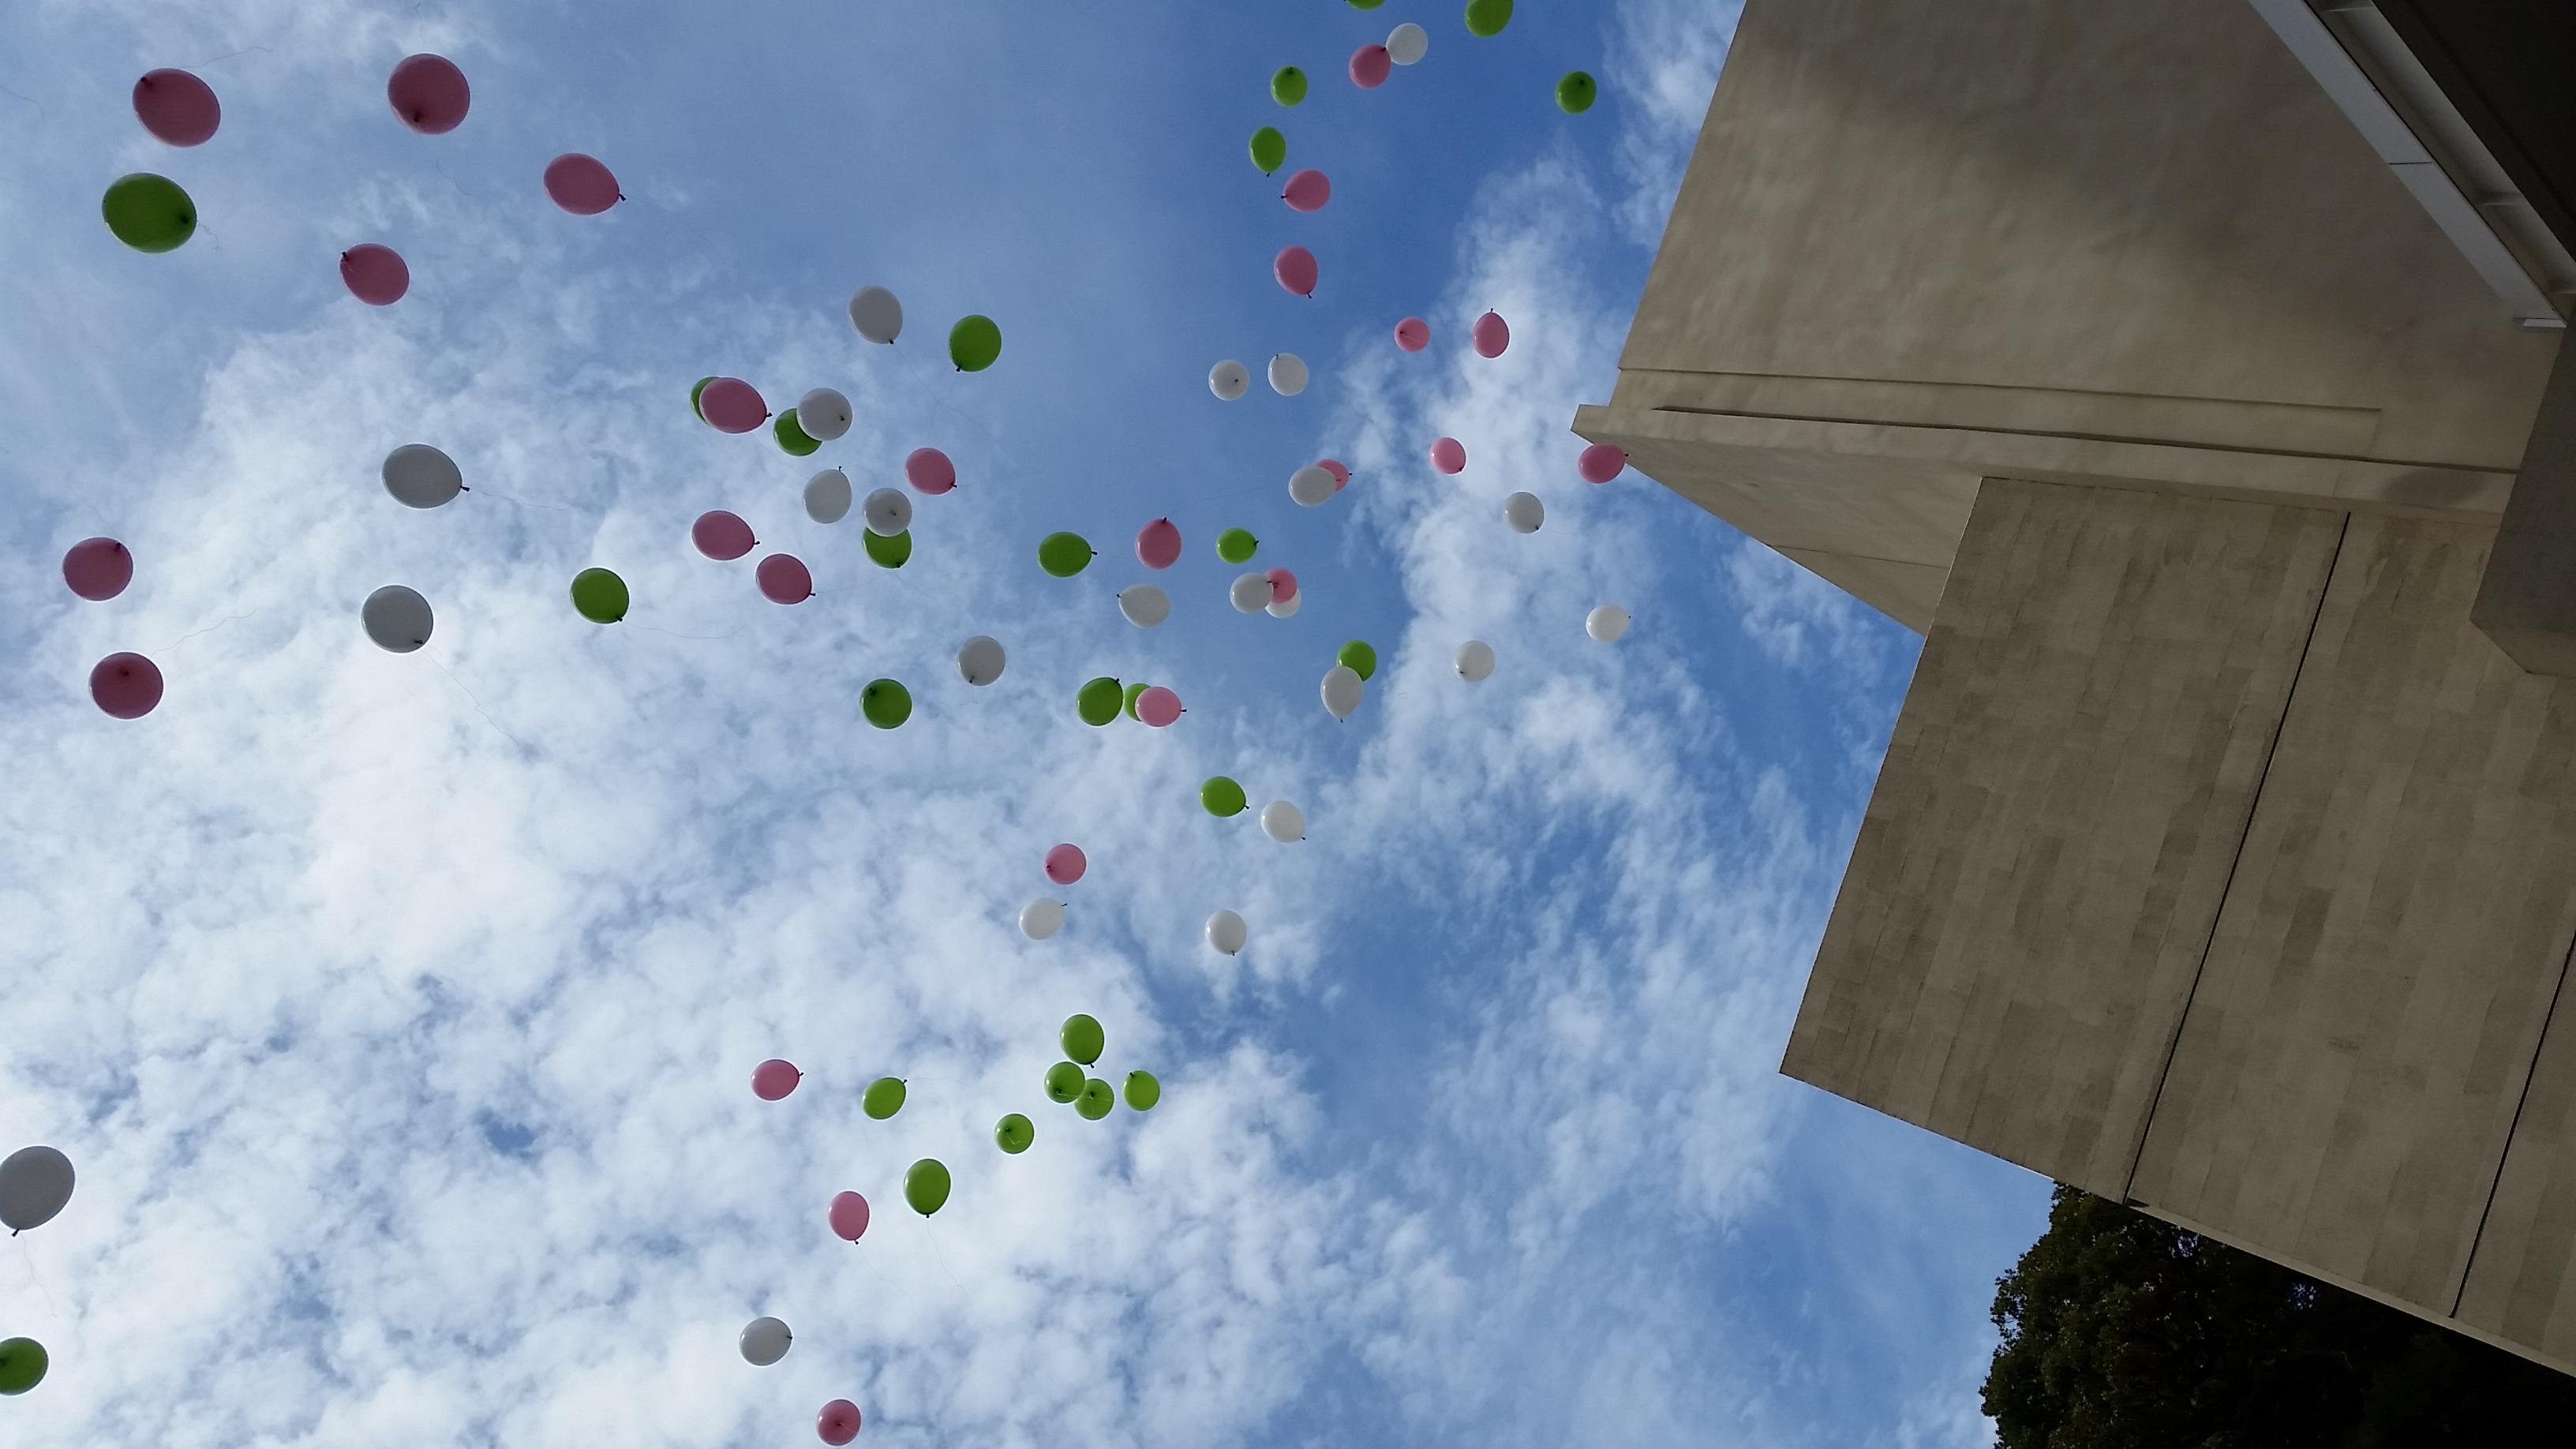 友人の結婚式にて、みんなで大空に放った風船を撮影